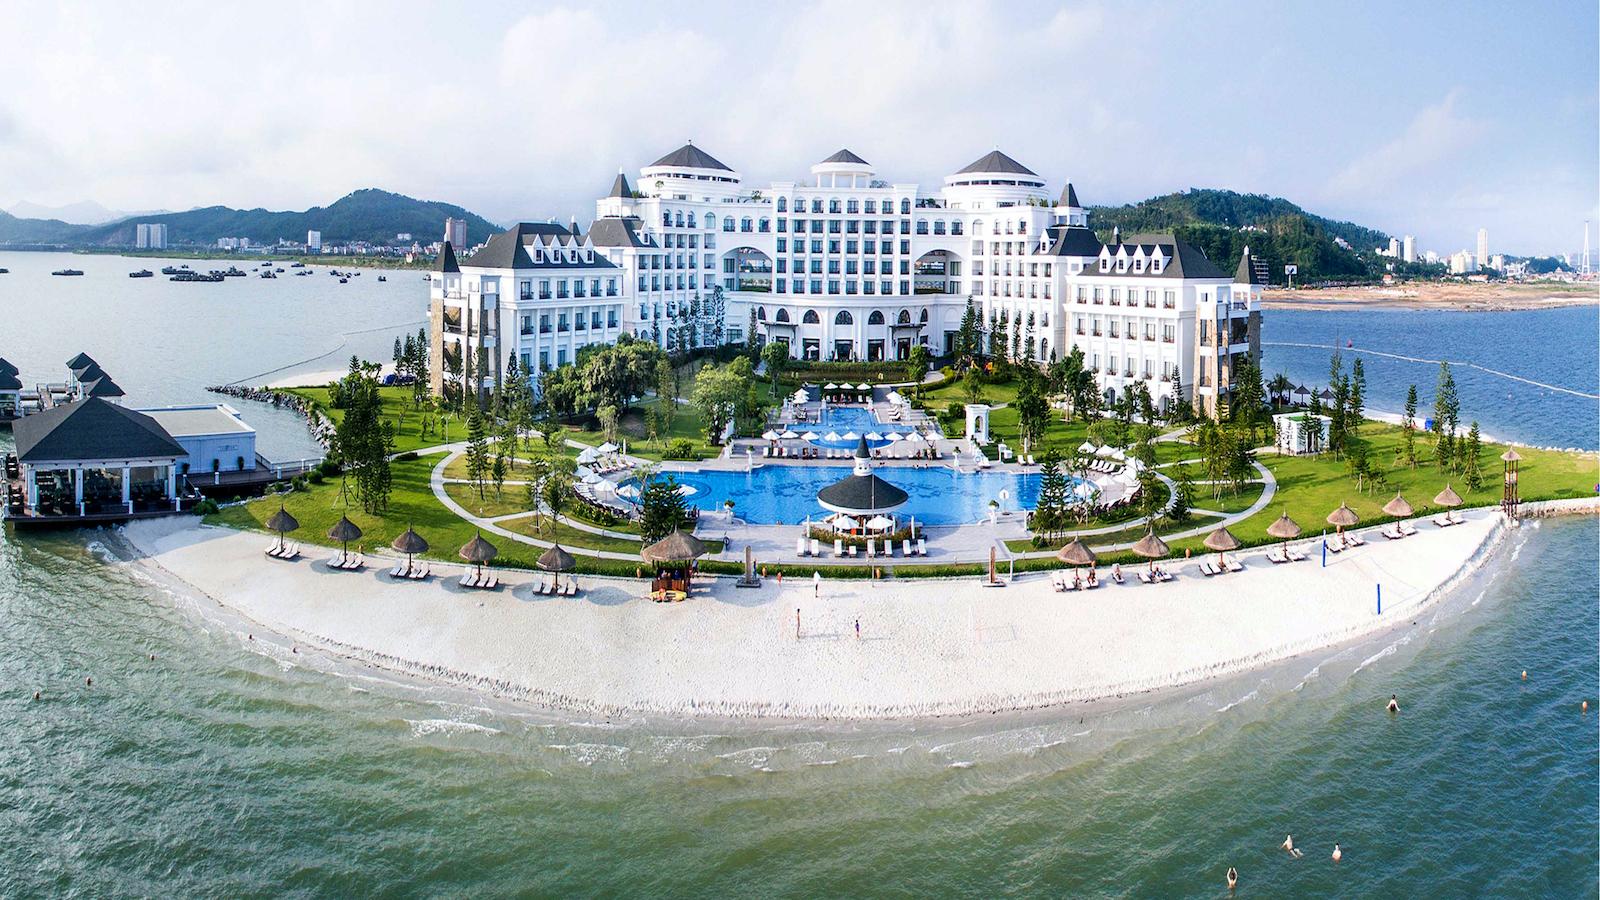 Séjournez dans un resort sur une île privée de la baie d'Halong